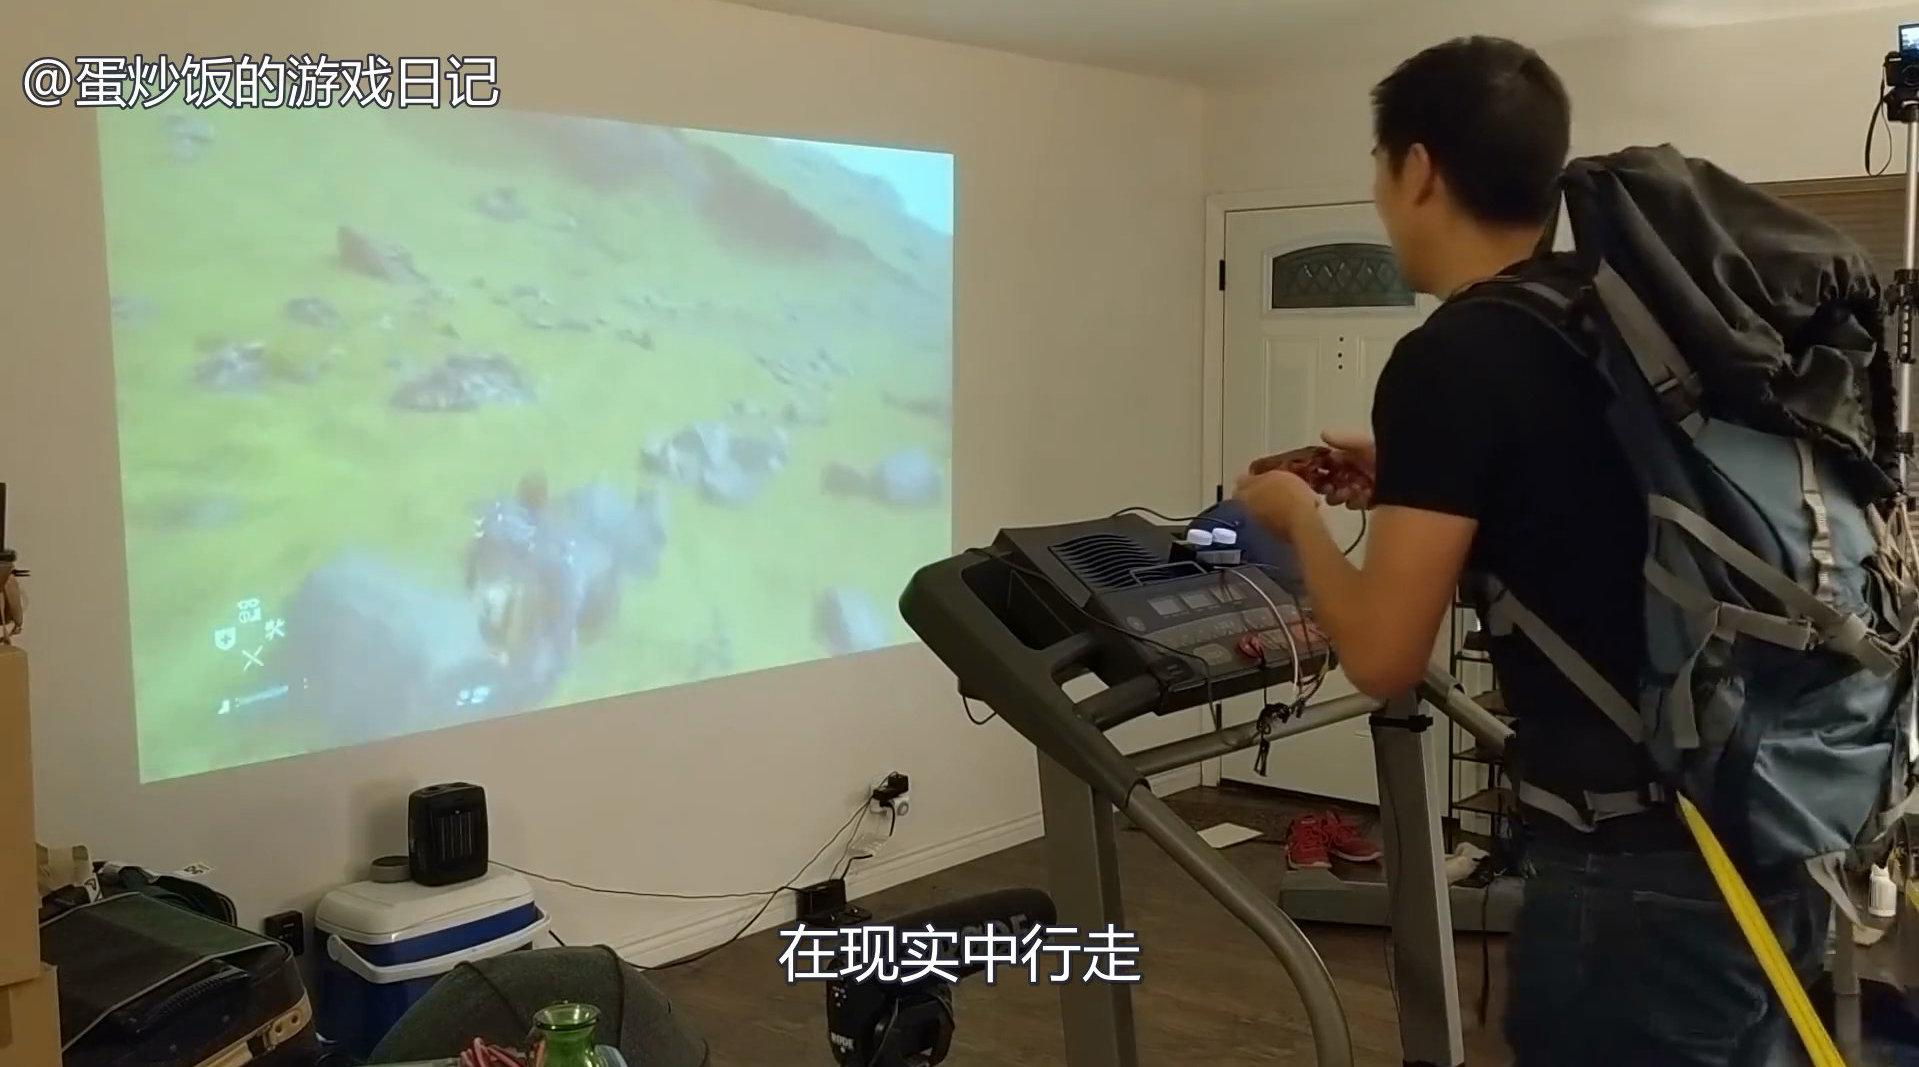 真·步行模拟器,大神用跑步机当手柄玩《死亡搁浅》